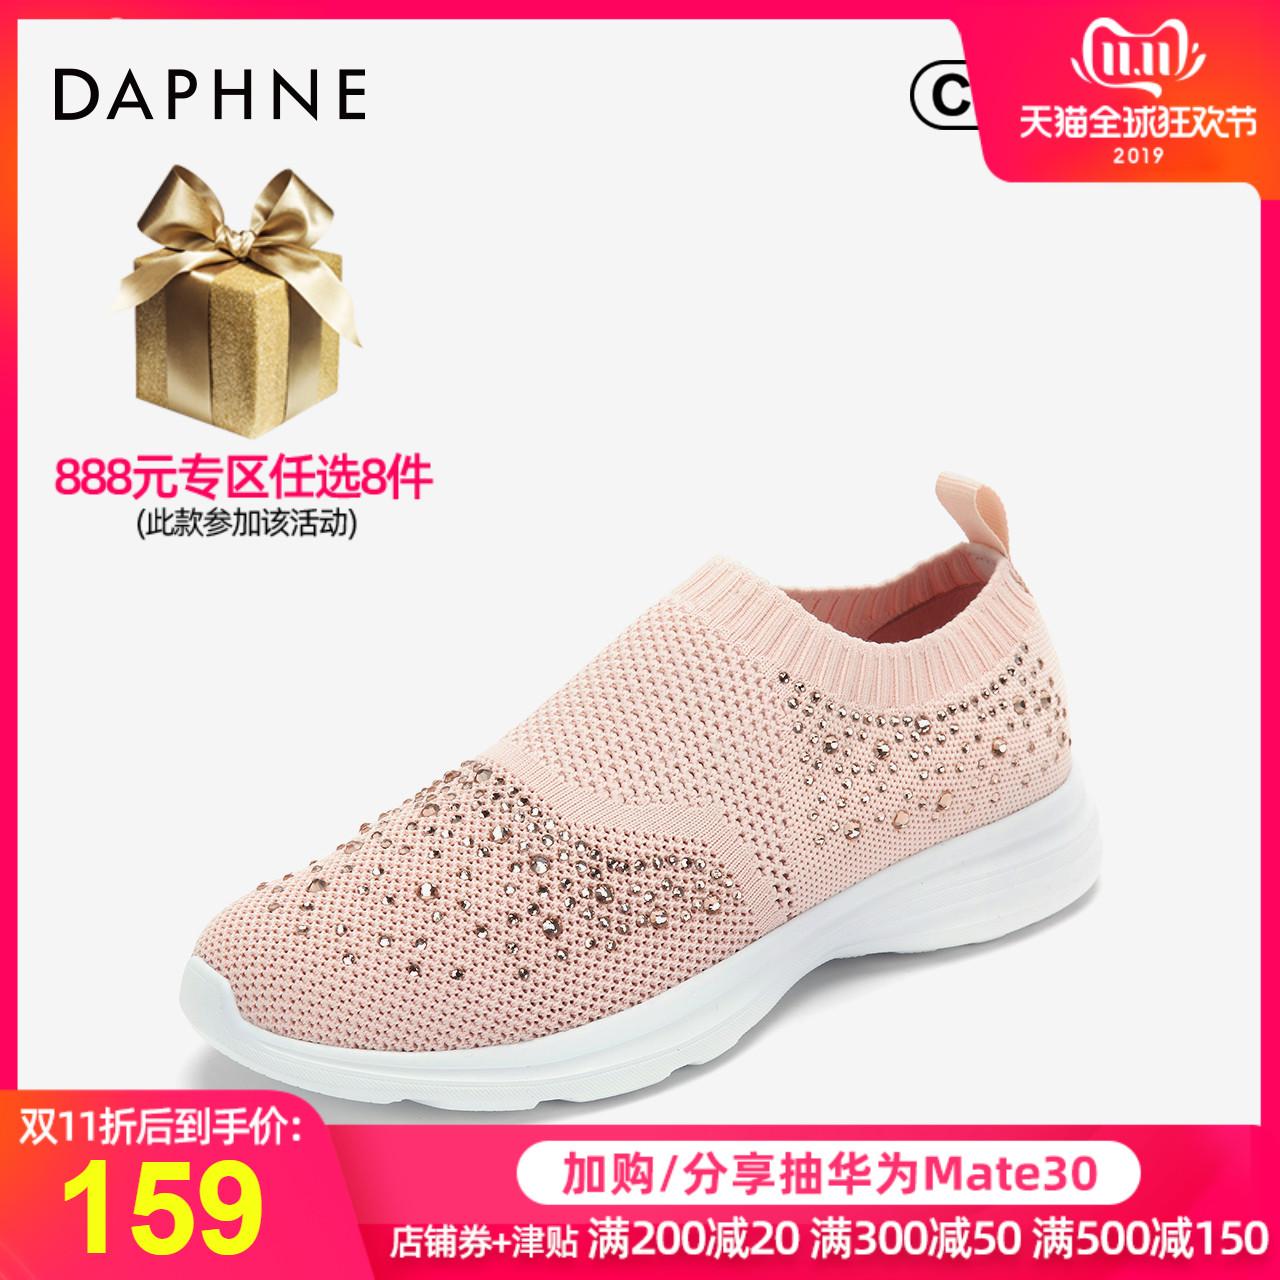 Daphne/达芙妮2019春秋新款轻盈织物水钻网面透气休闲运动鞋女